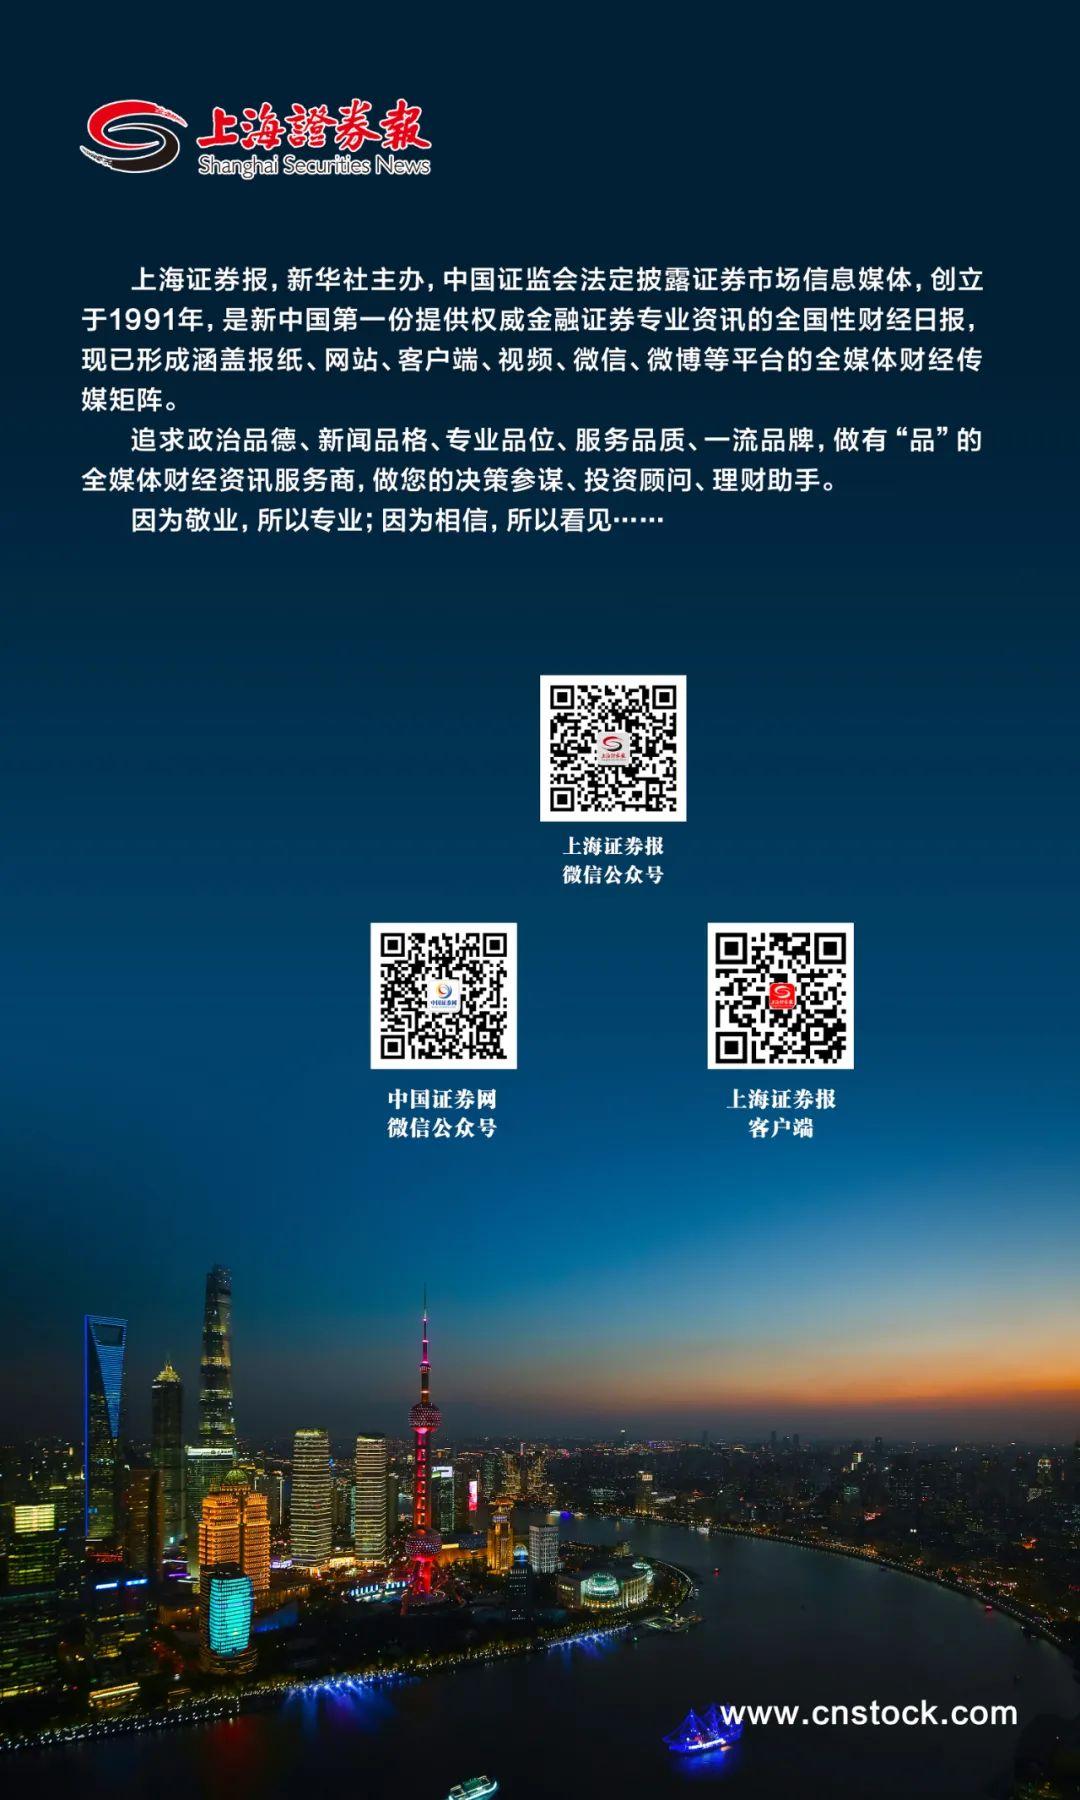 中国石化广东最大氢燃料电池供氢项目开建